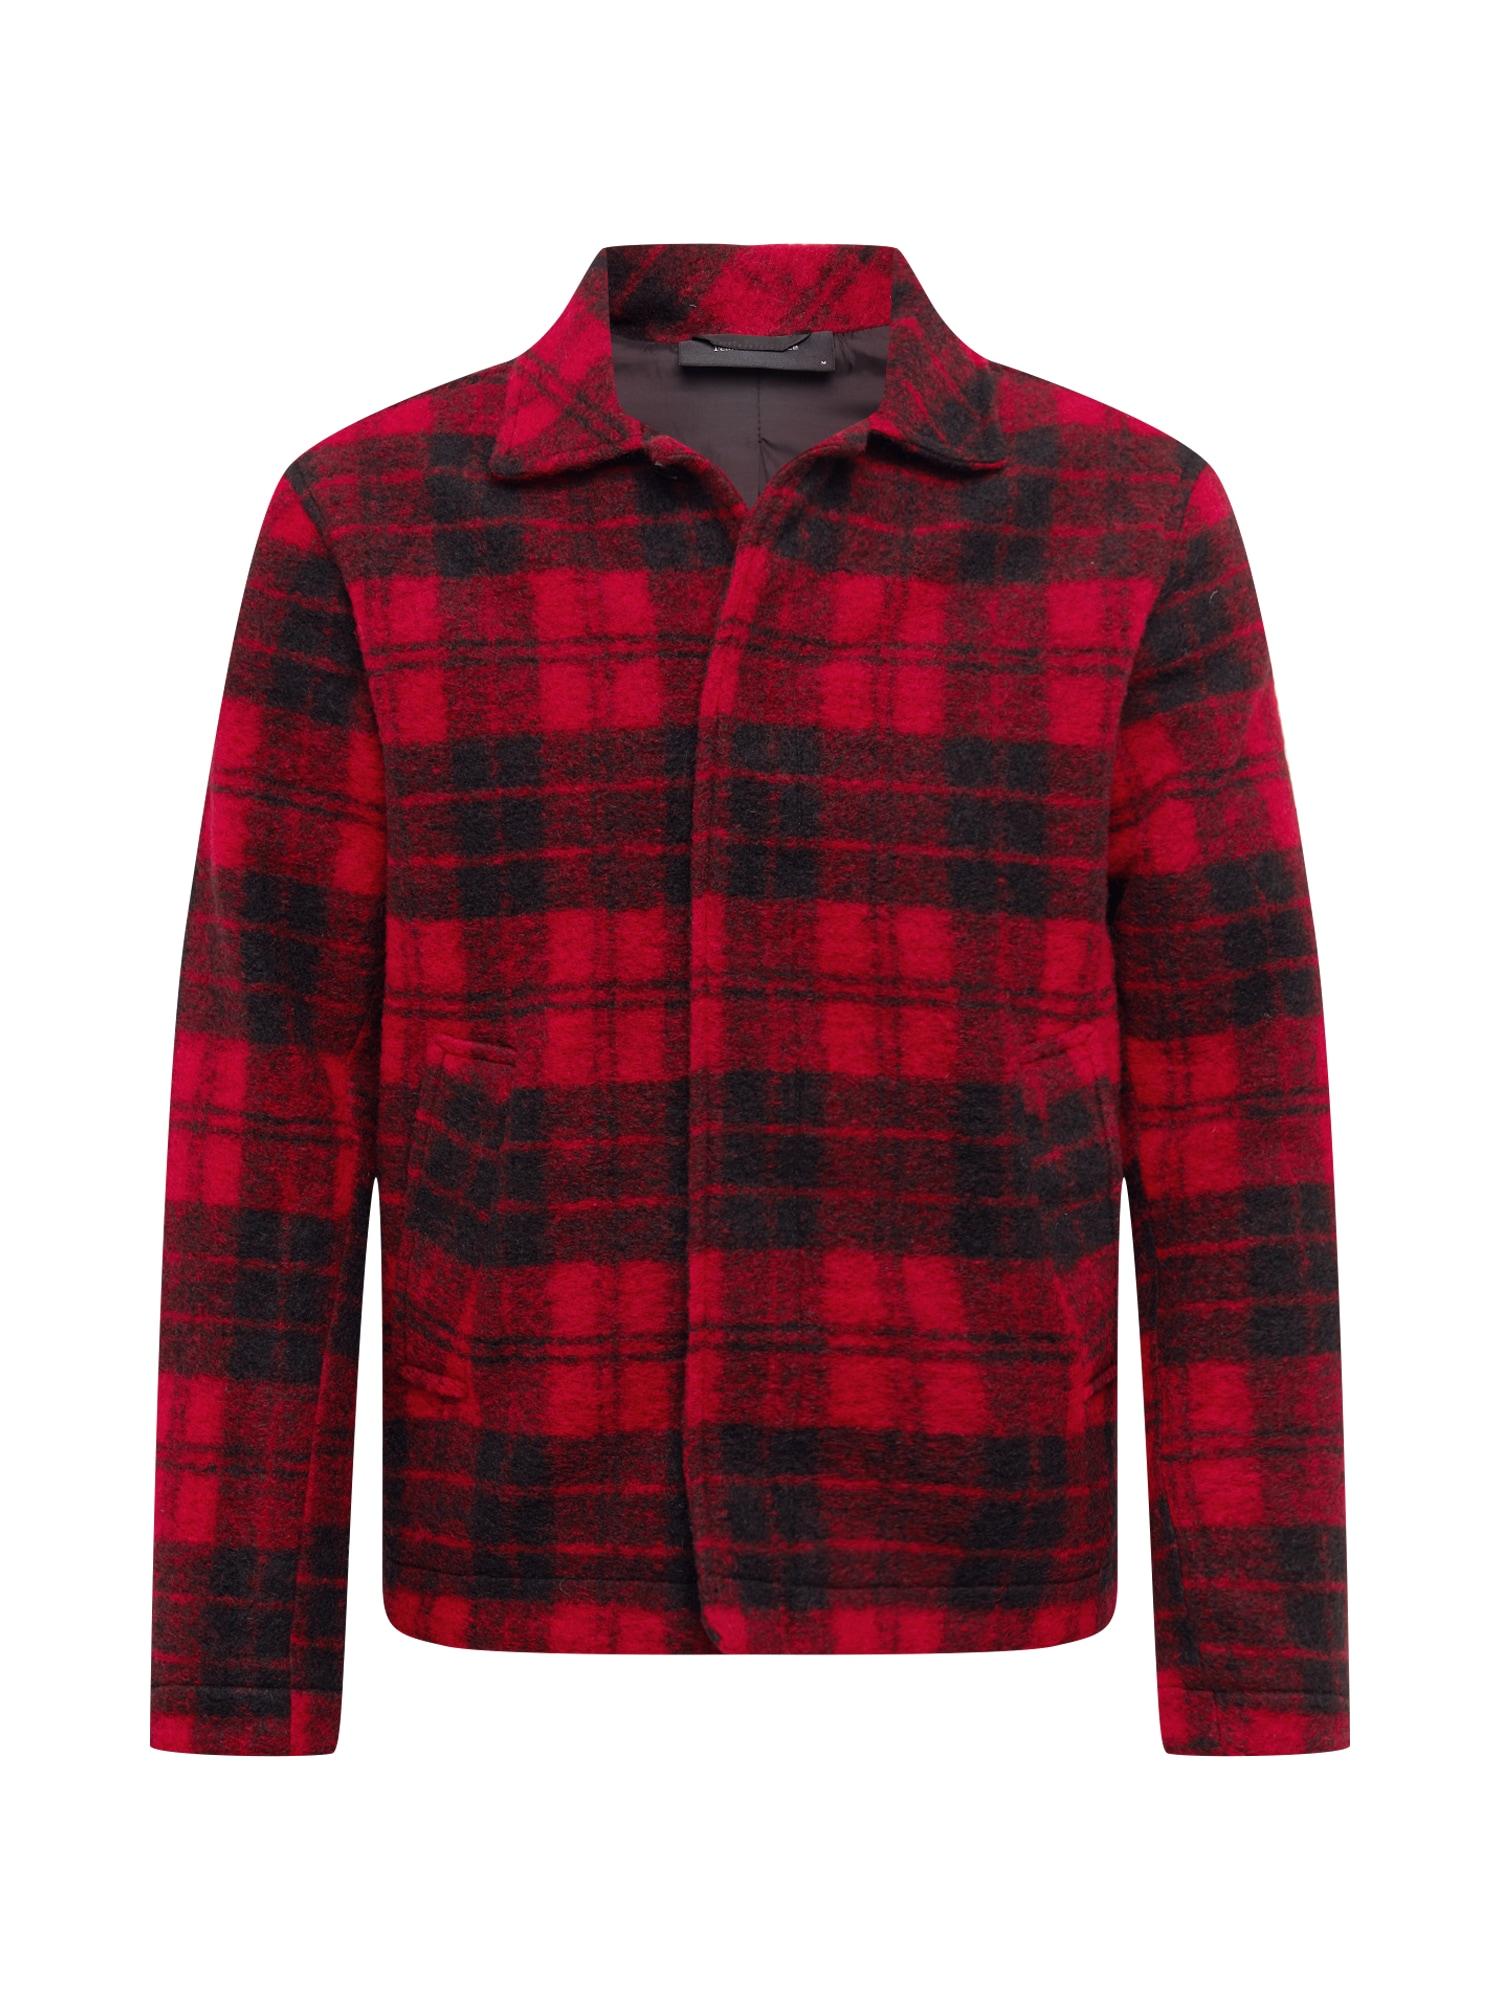 PEAK PERFORMANCE Marškiniai raudona / juoda